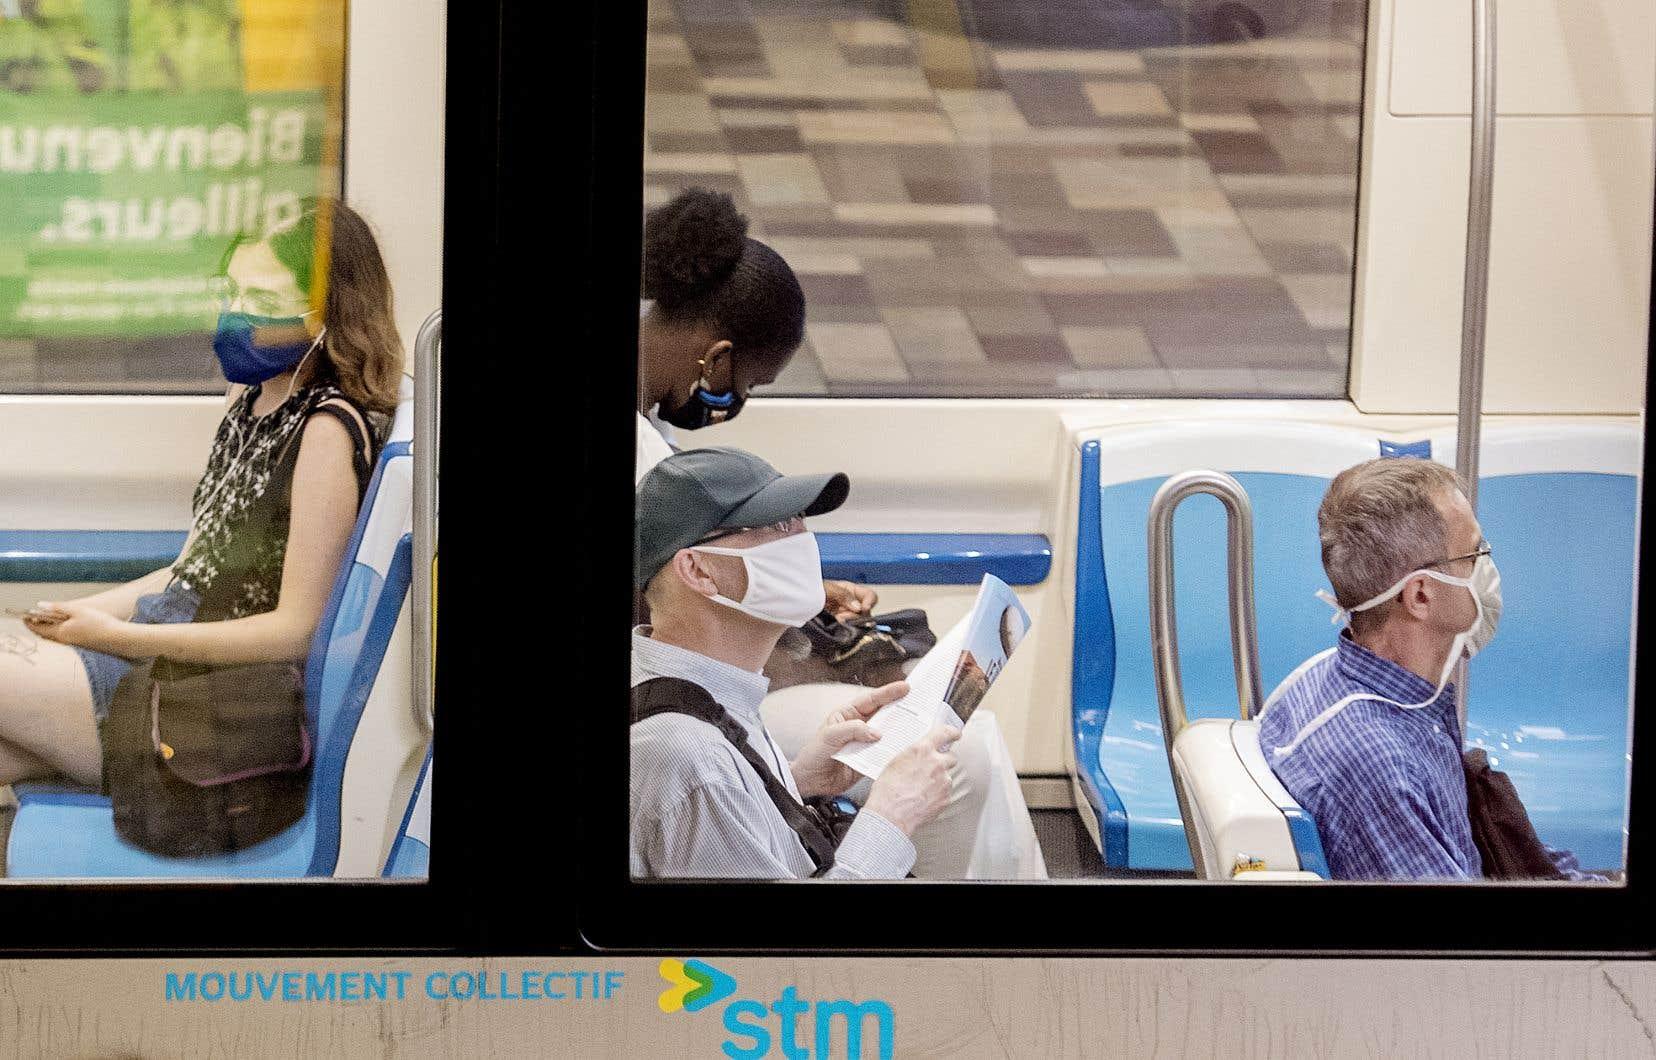 À partir du 27 juillet, une personne sans masque se verra refuser l'accès à un autobus, au métro ou à un taxi.